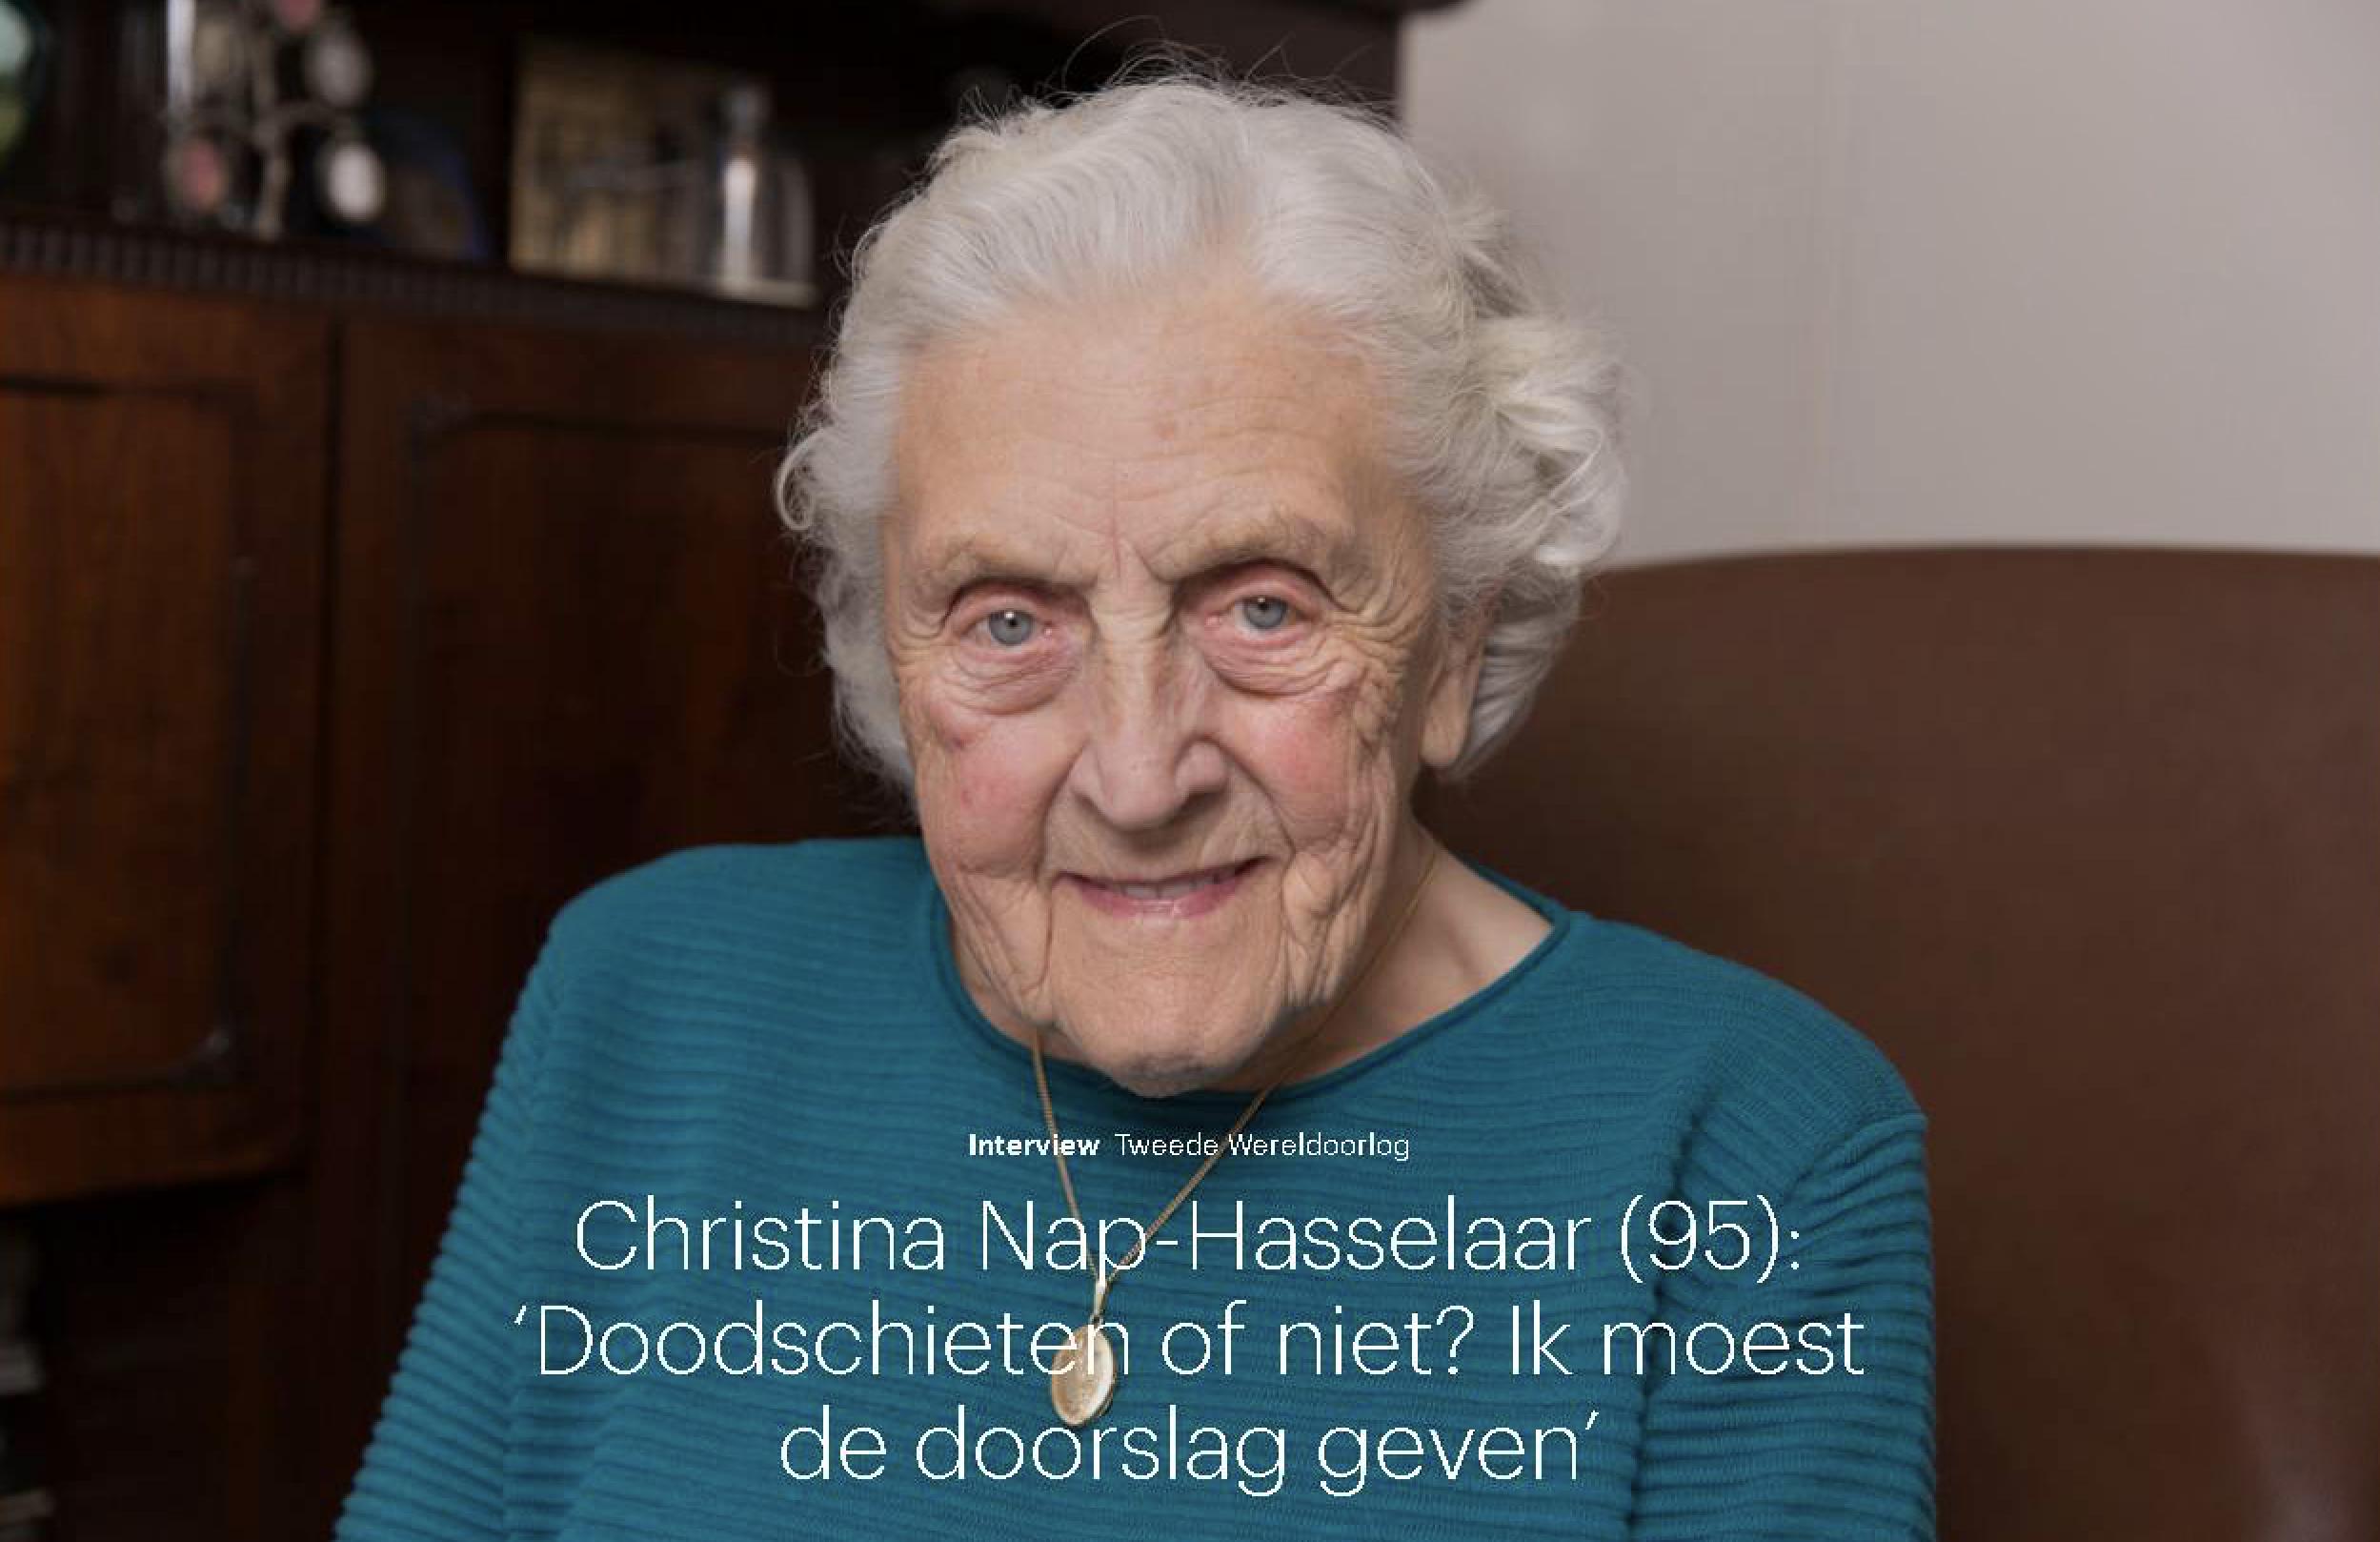 Christina Nap-Hasselaar (Trouw)